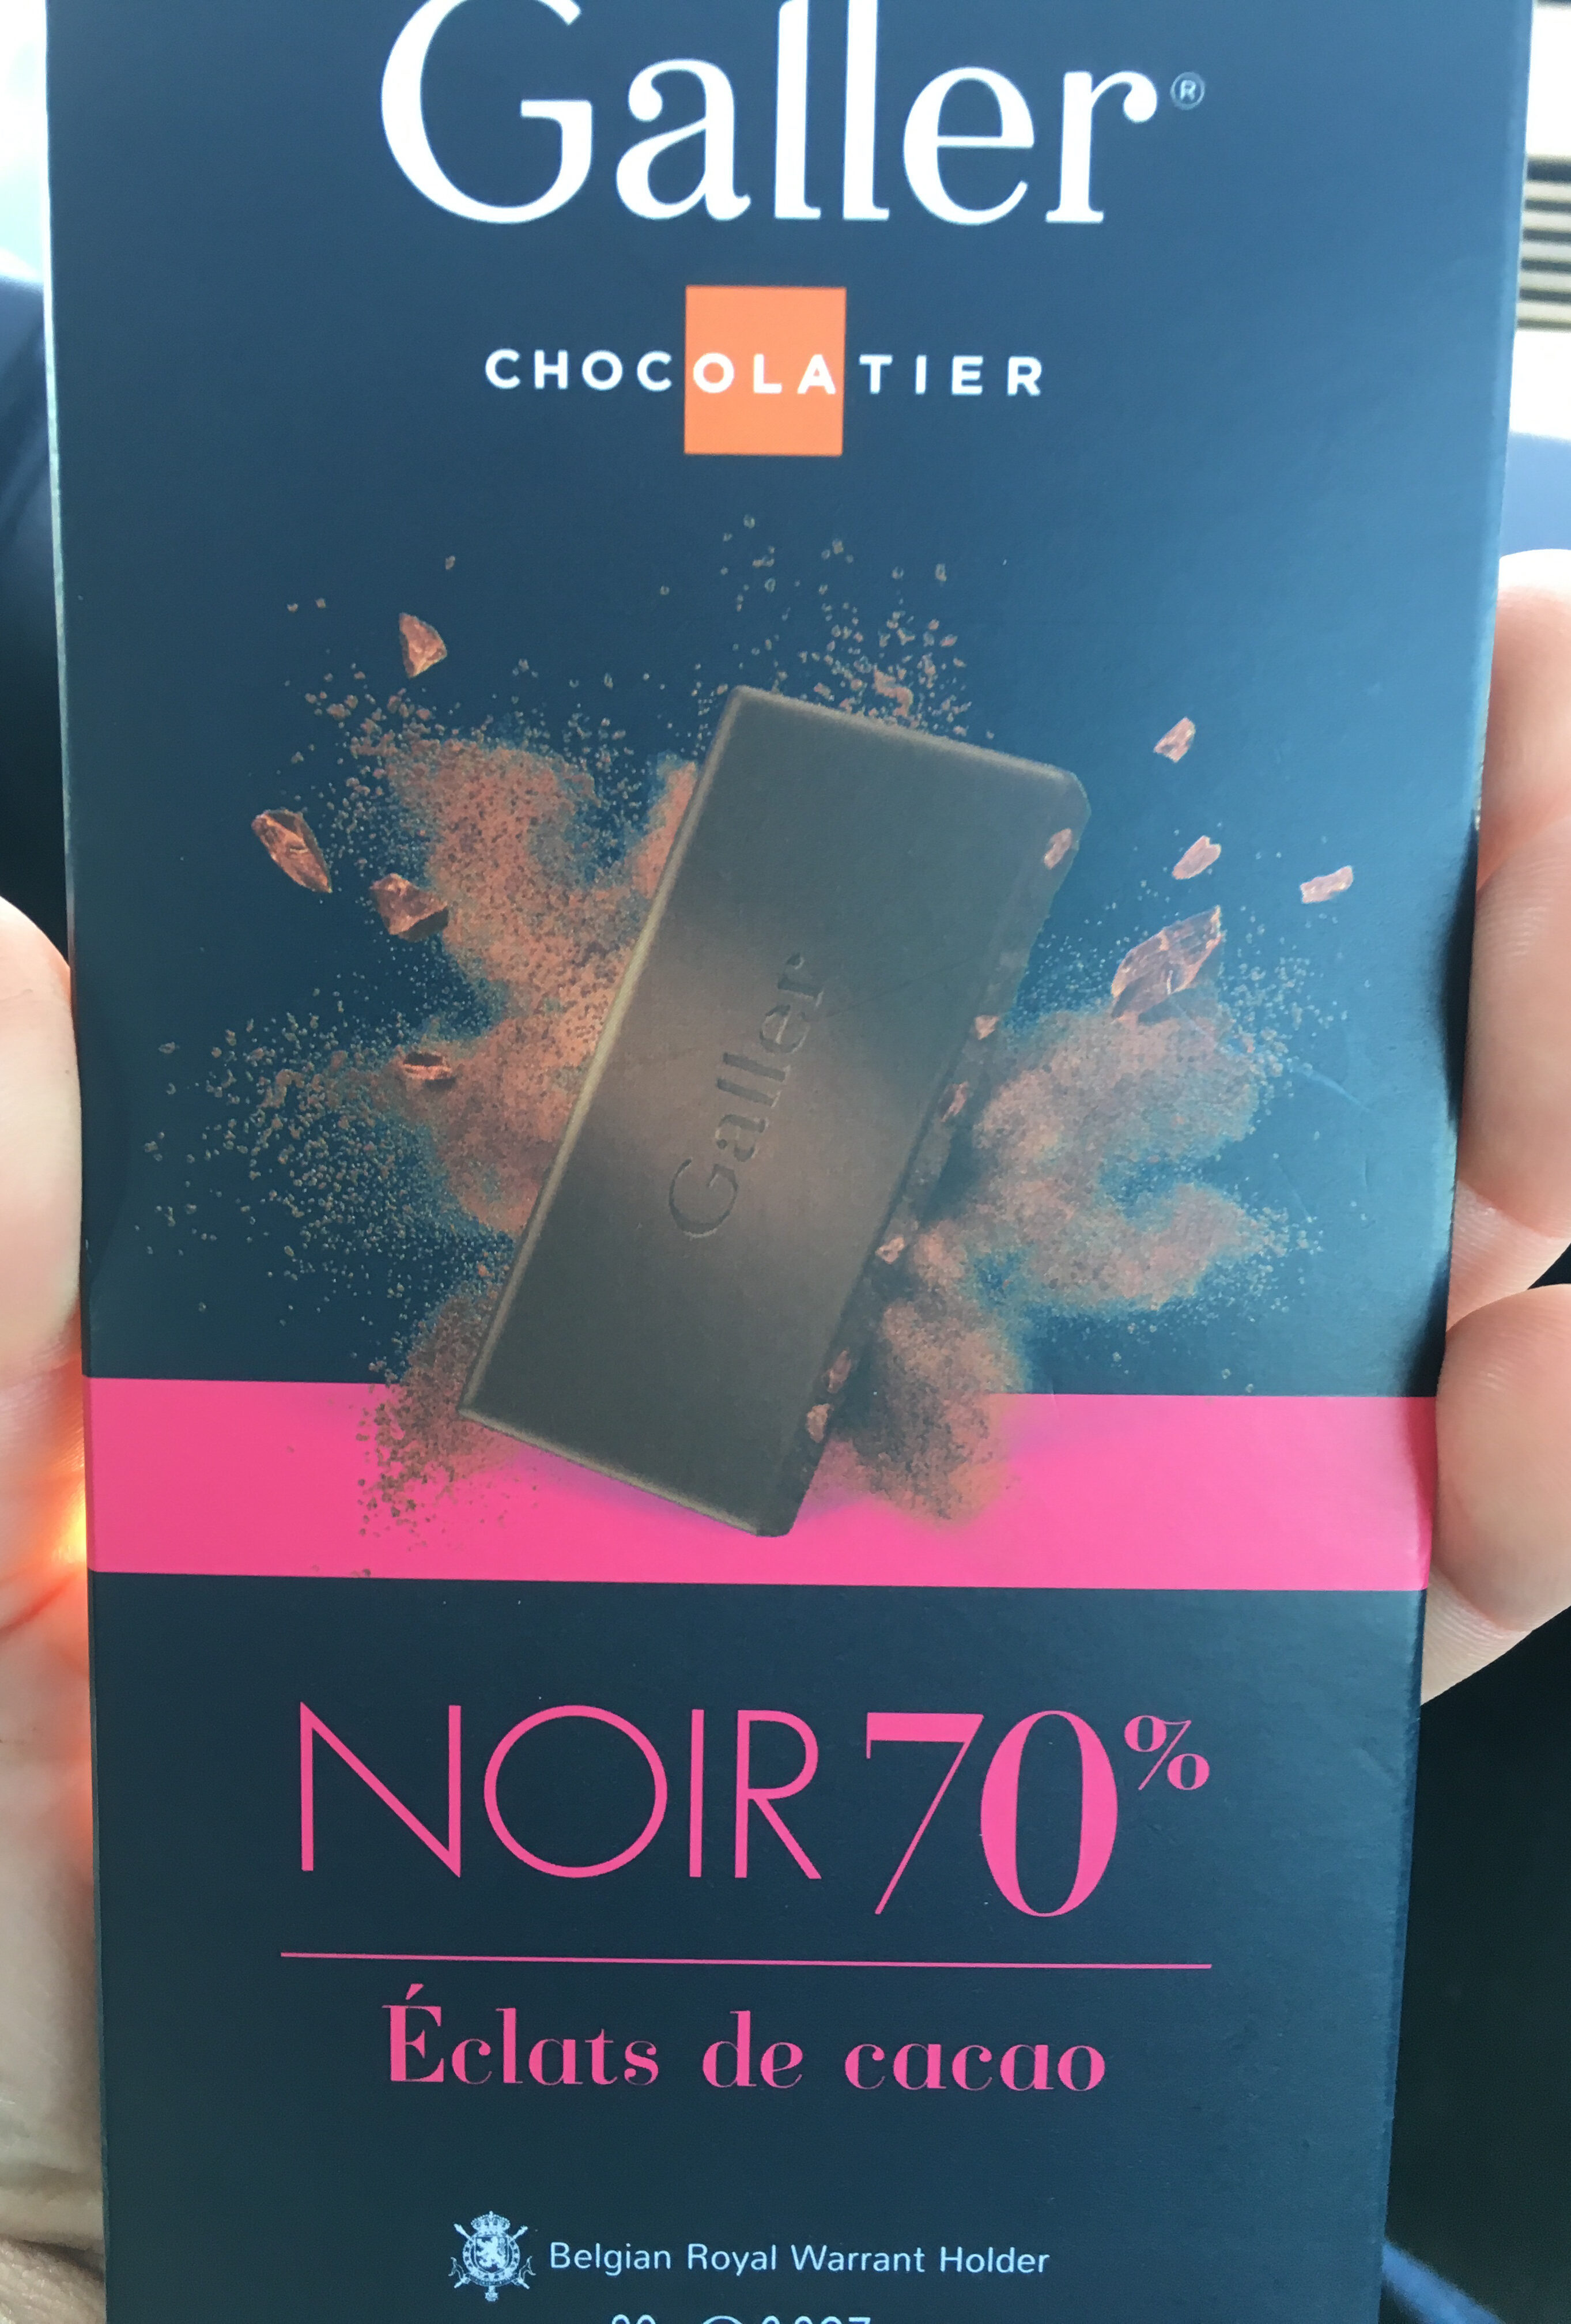 Tablette Galler Noir 70% Eclats de cacao - Produit - fr